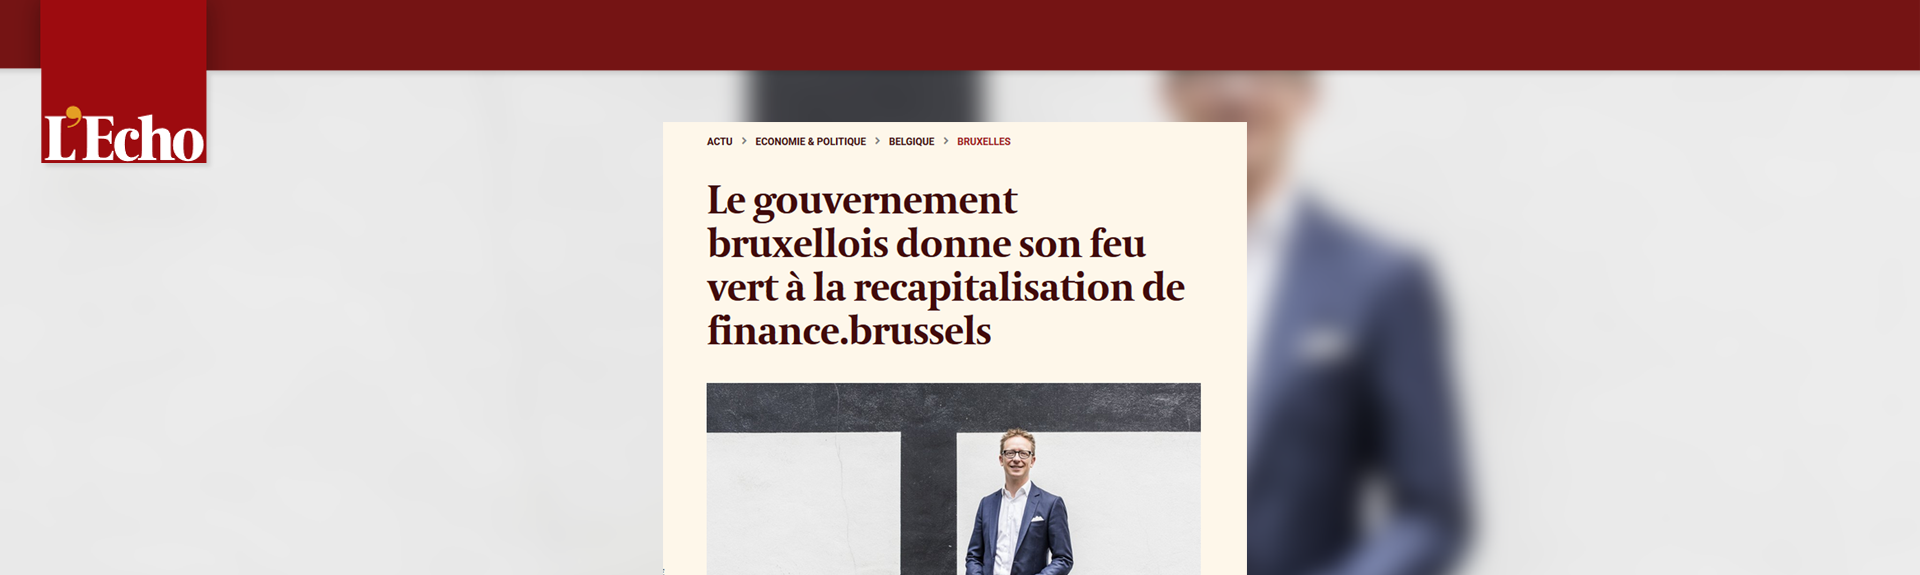 Le gouvernement bruxellois donne son feu vert à la recapitalisation de finance&invest.brussels